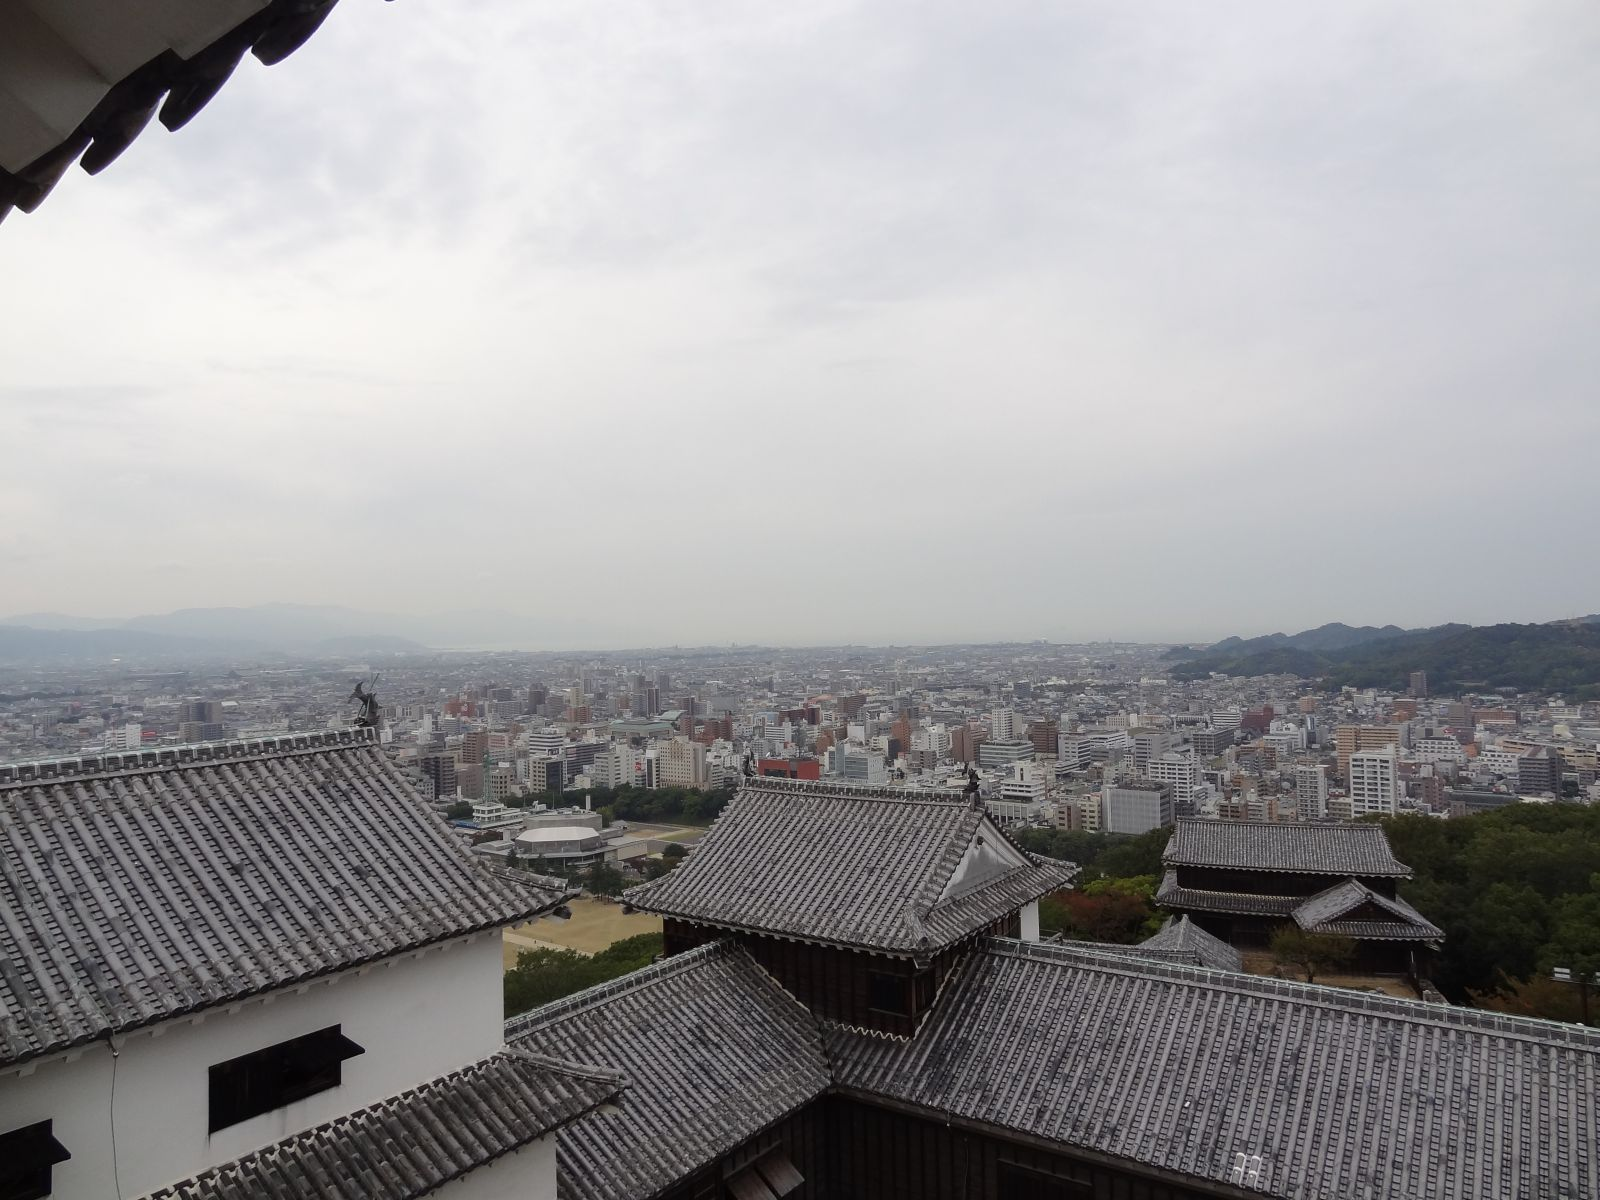 秋の松山城(天守閣三階より西方向の眺望)の写真です。クリックすると拡大します。